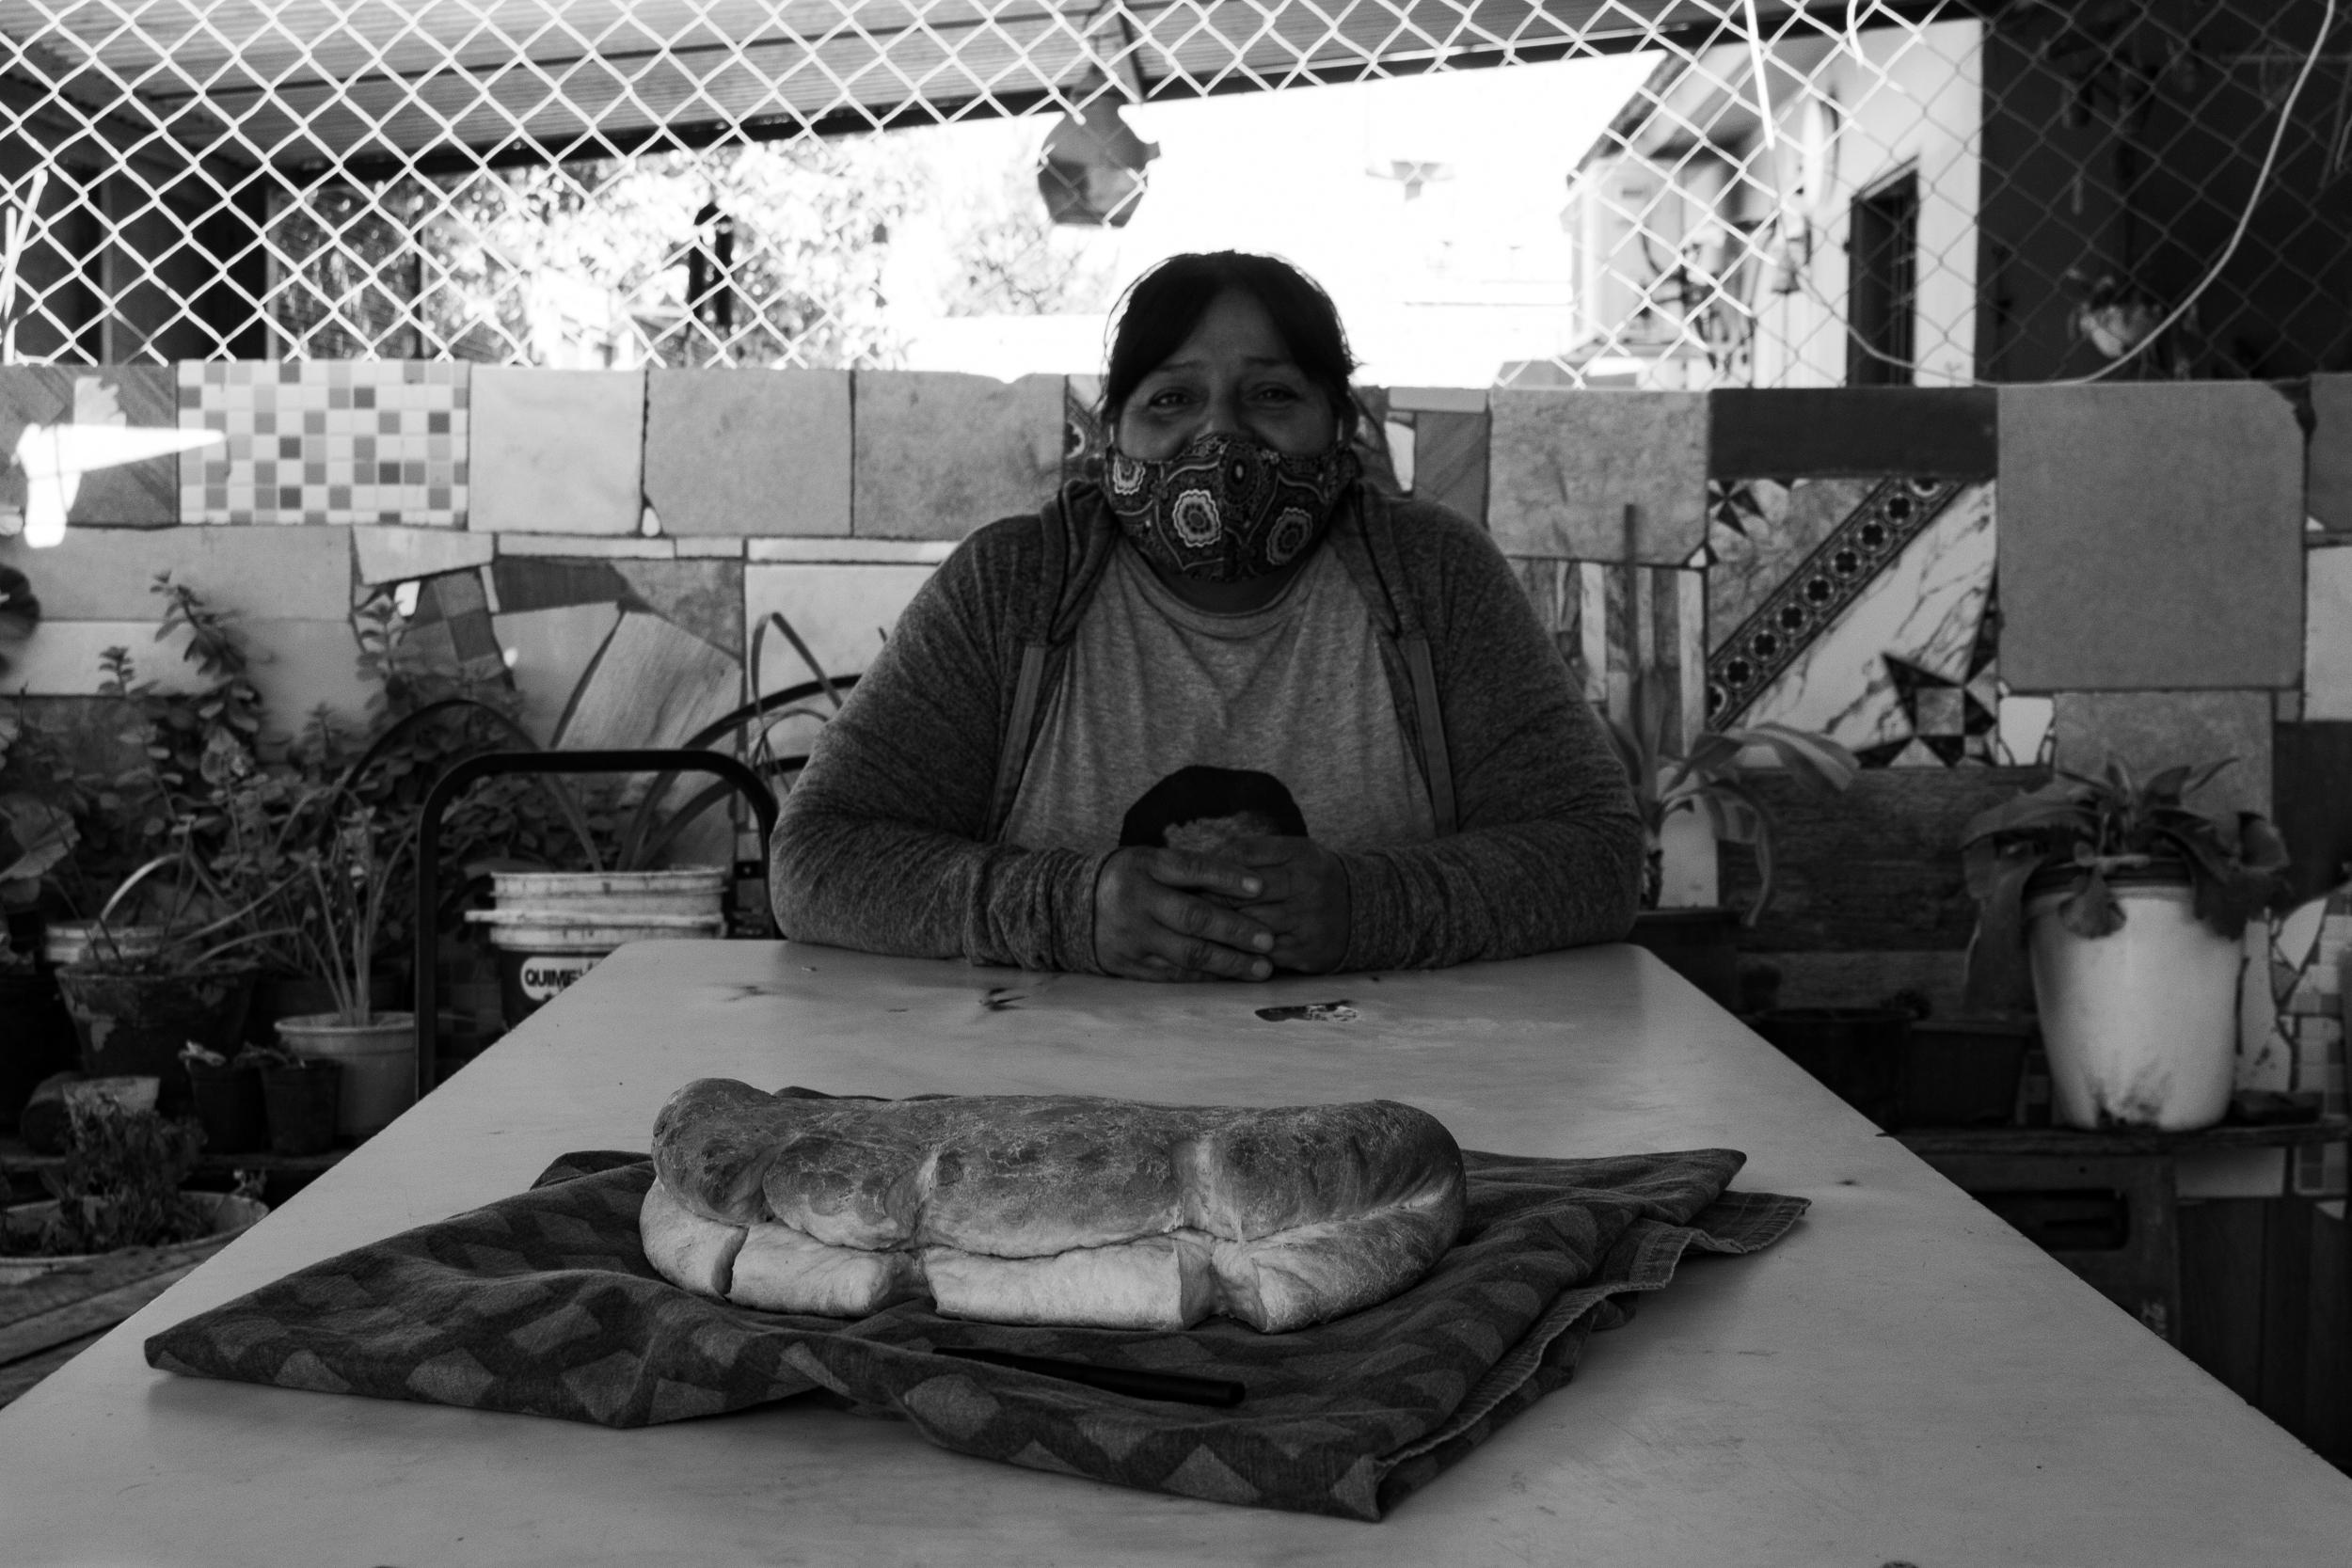 fotogalería-Raúl-Ledesma-Delia-Barrio-Los-Cortaderos-gatillo-fácil-merendero-18